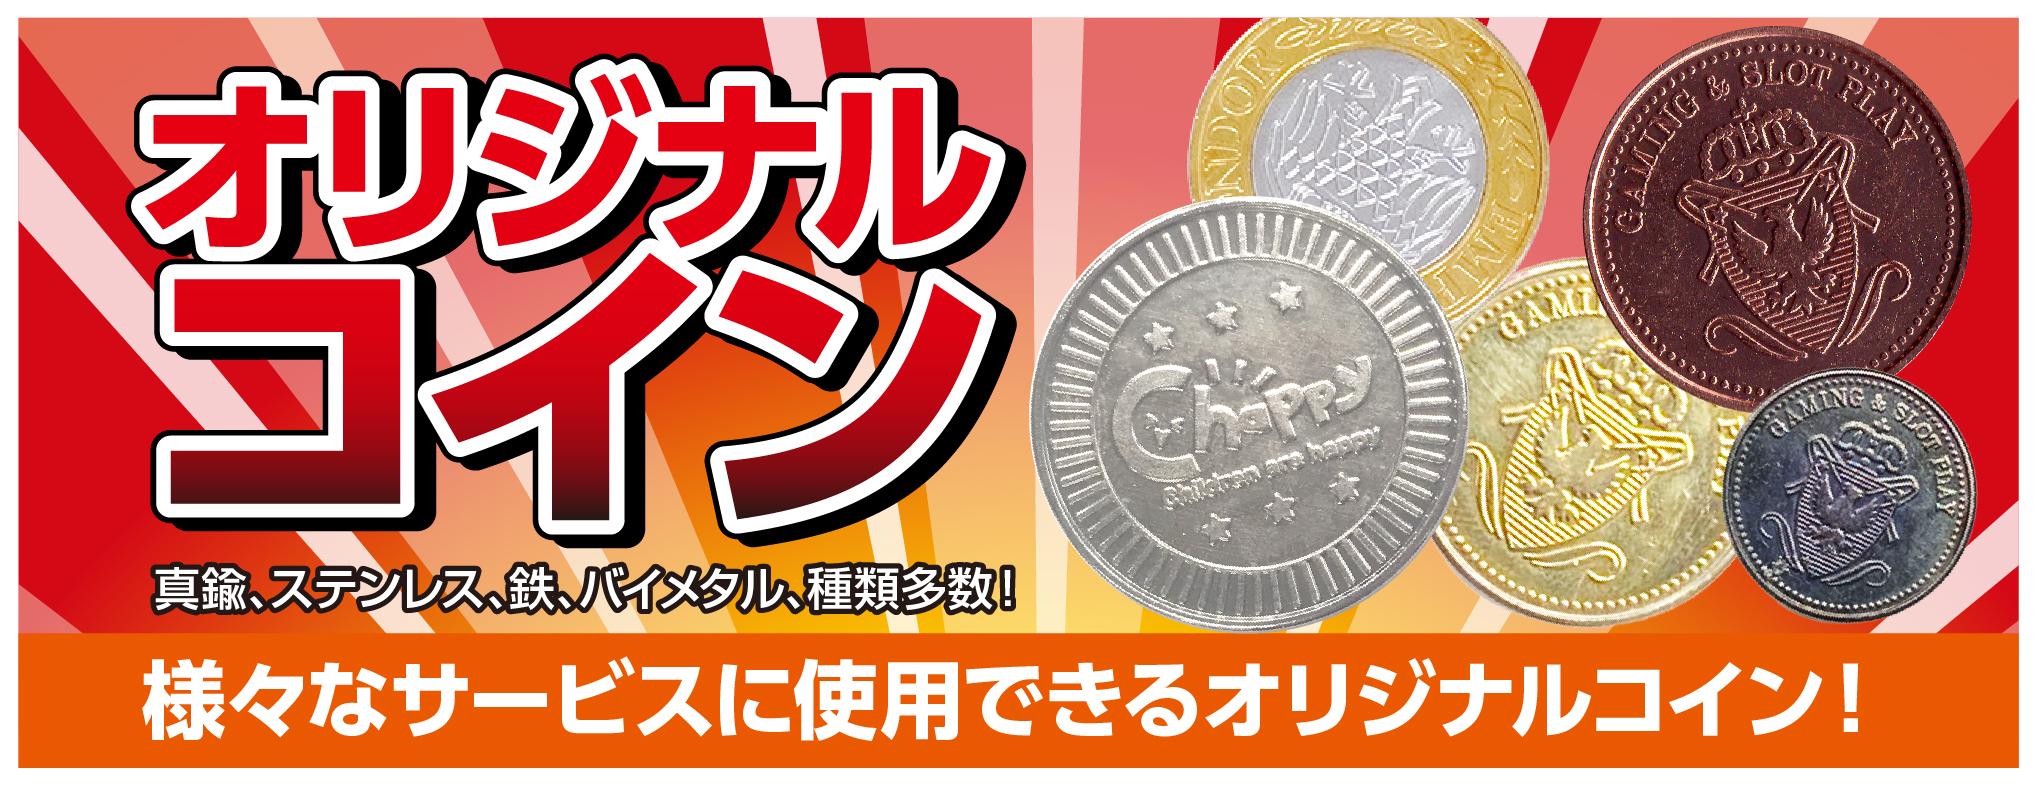 オリジナルコインの作成はこちらへ!